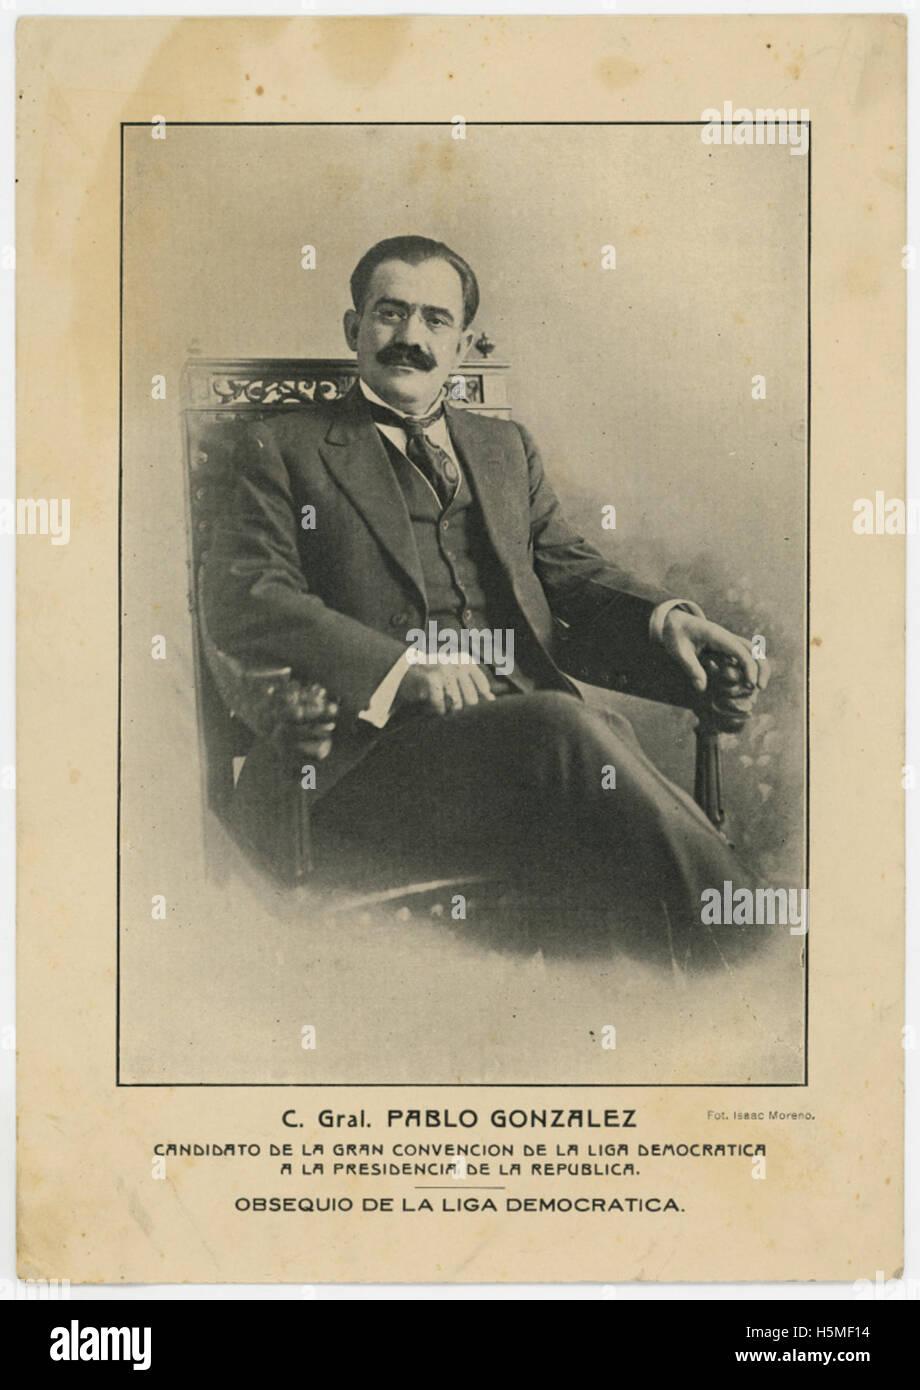 C Gral Pablo Gonzalez Candidato de la Gran Convencion de Foto Stock